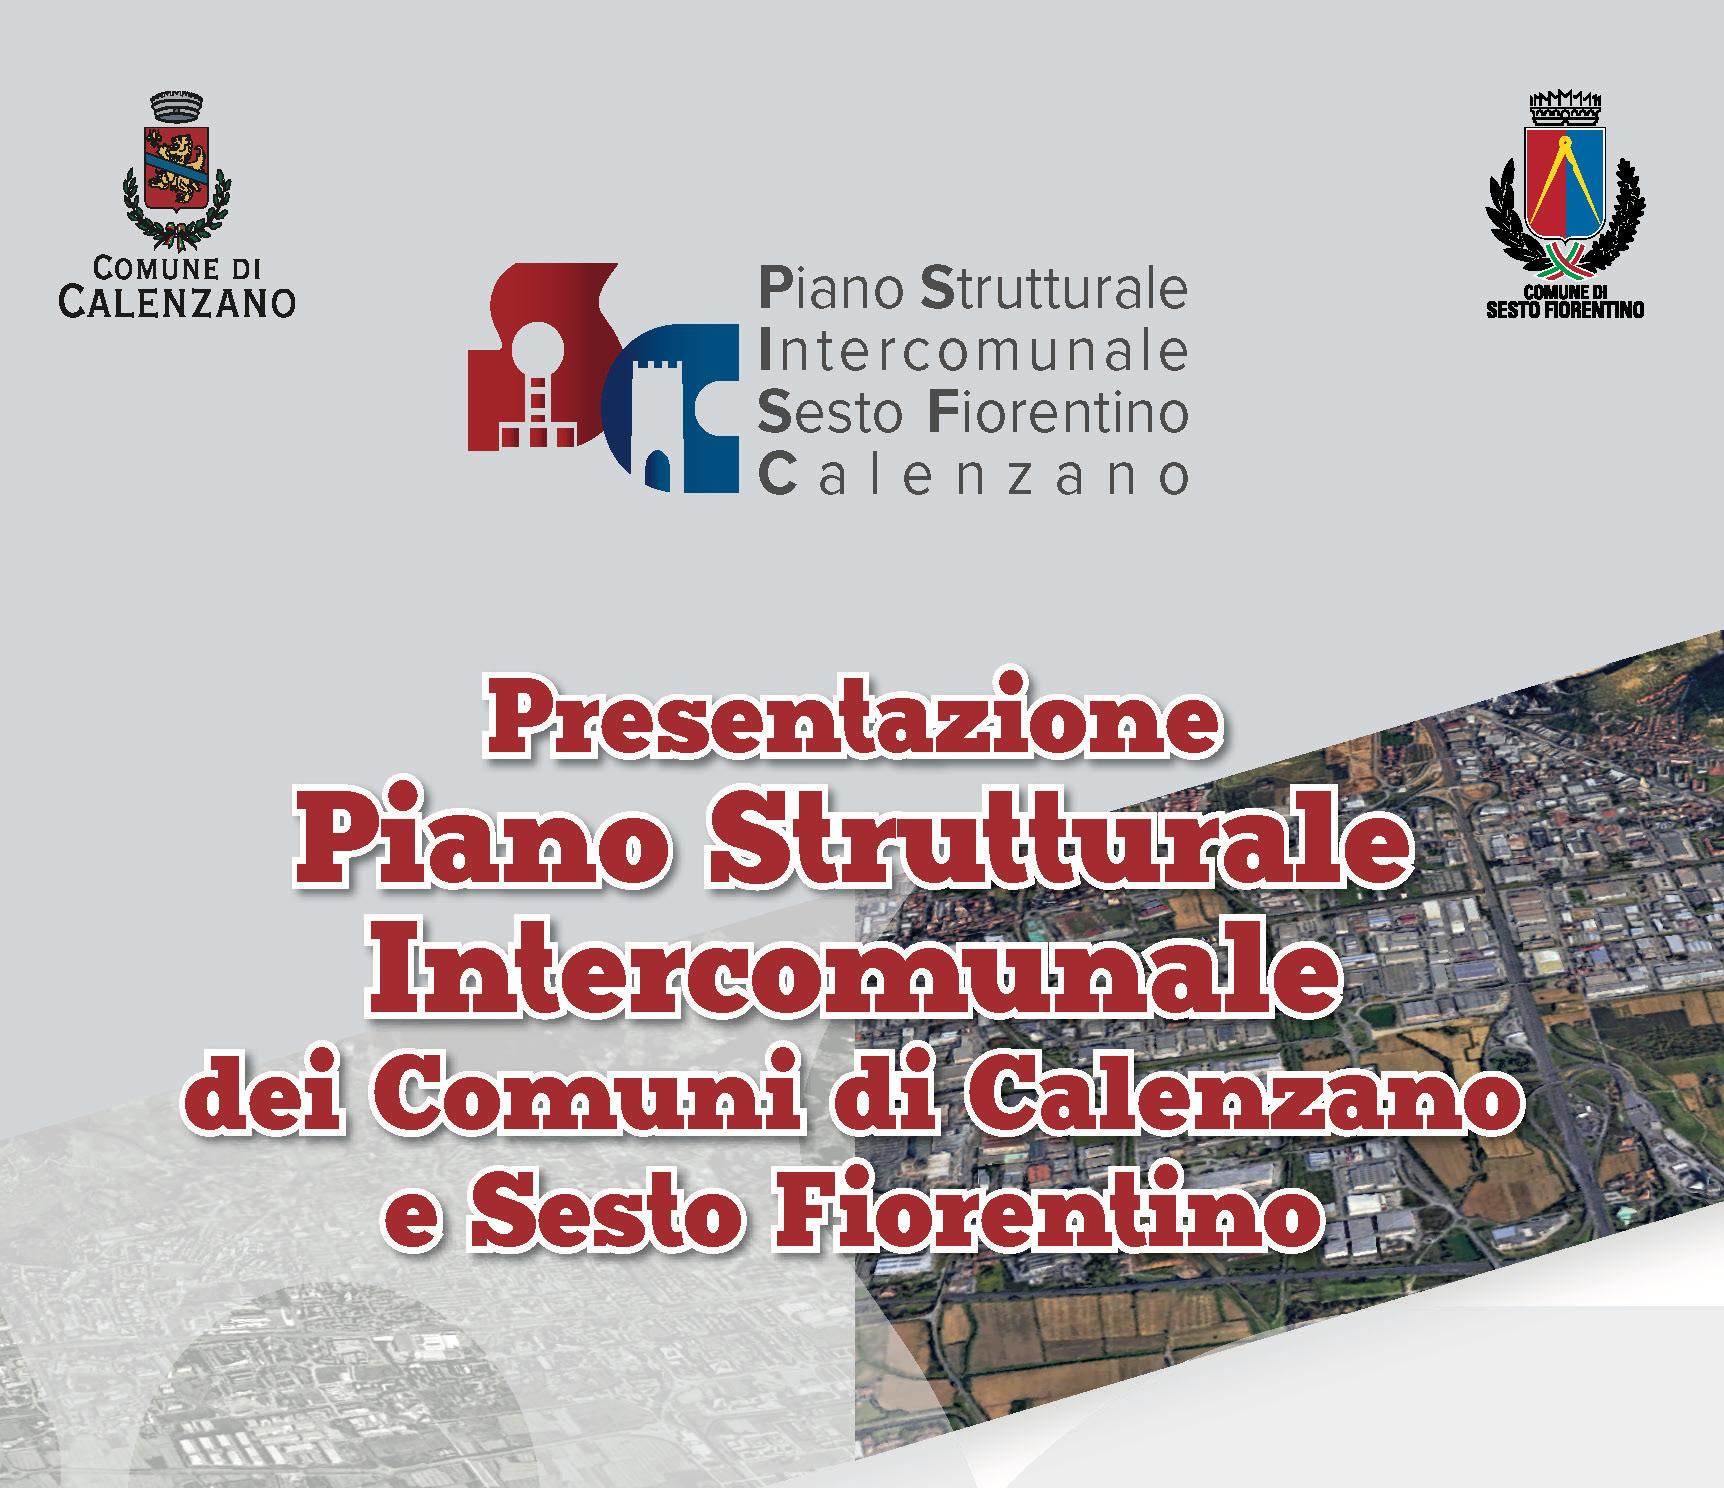 Piano Strutturale Intercomunale, giovedì in biblioteca la presentazione a Sesto